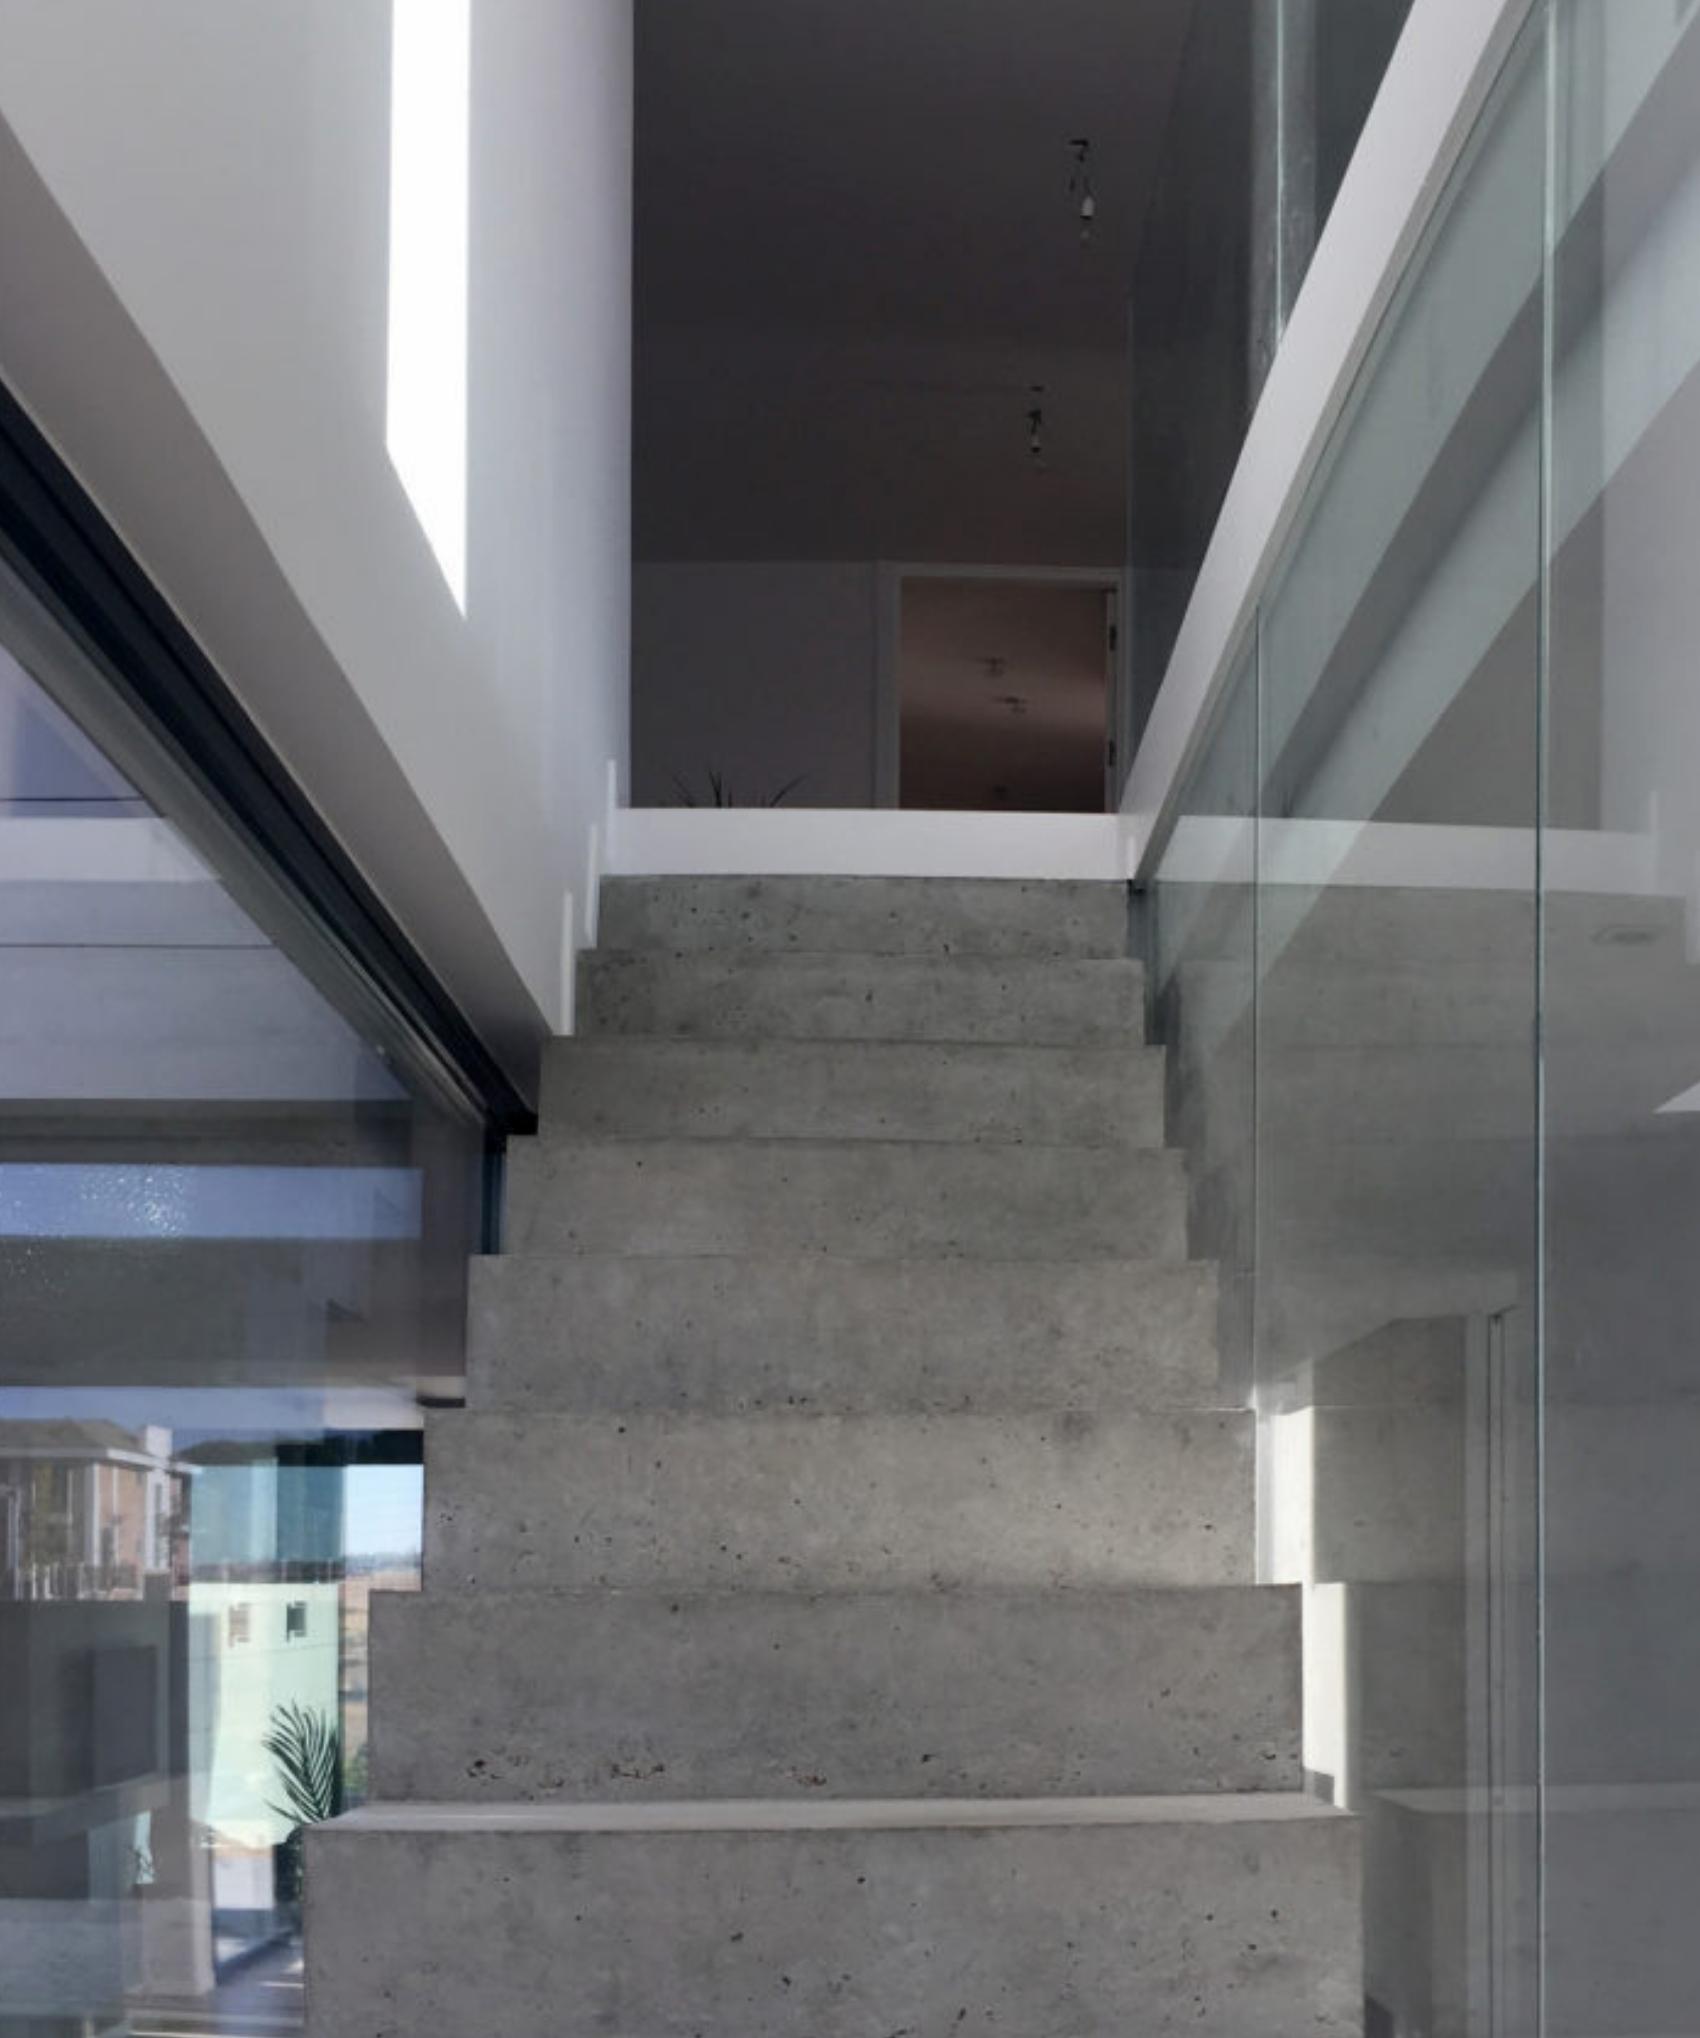 Proyecto de FH2L Arquitectos de 2 viviendas unifamiliares pareadas, Roza Martín, Majadahonda, Madrid.